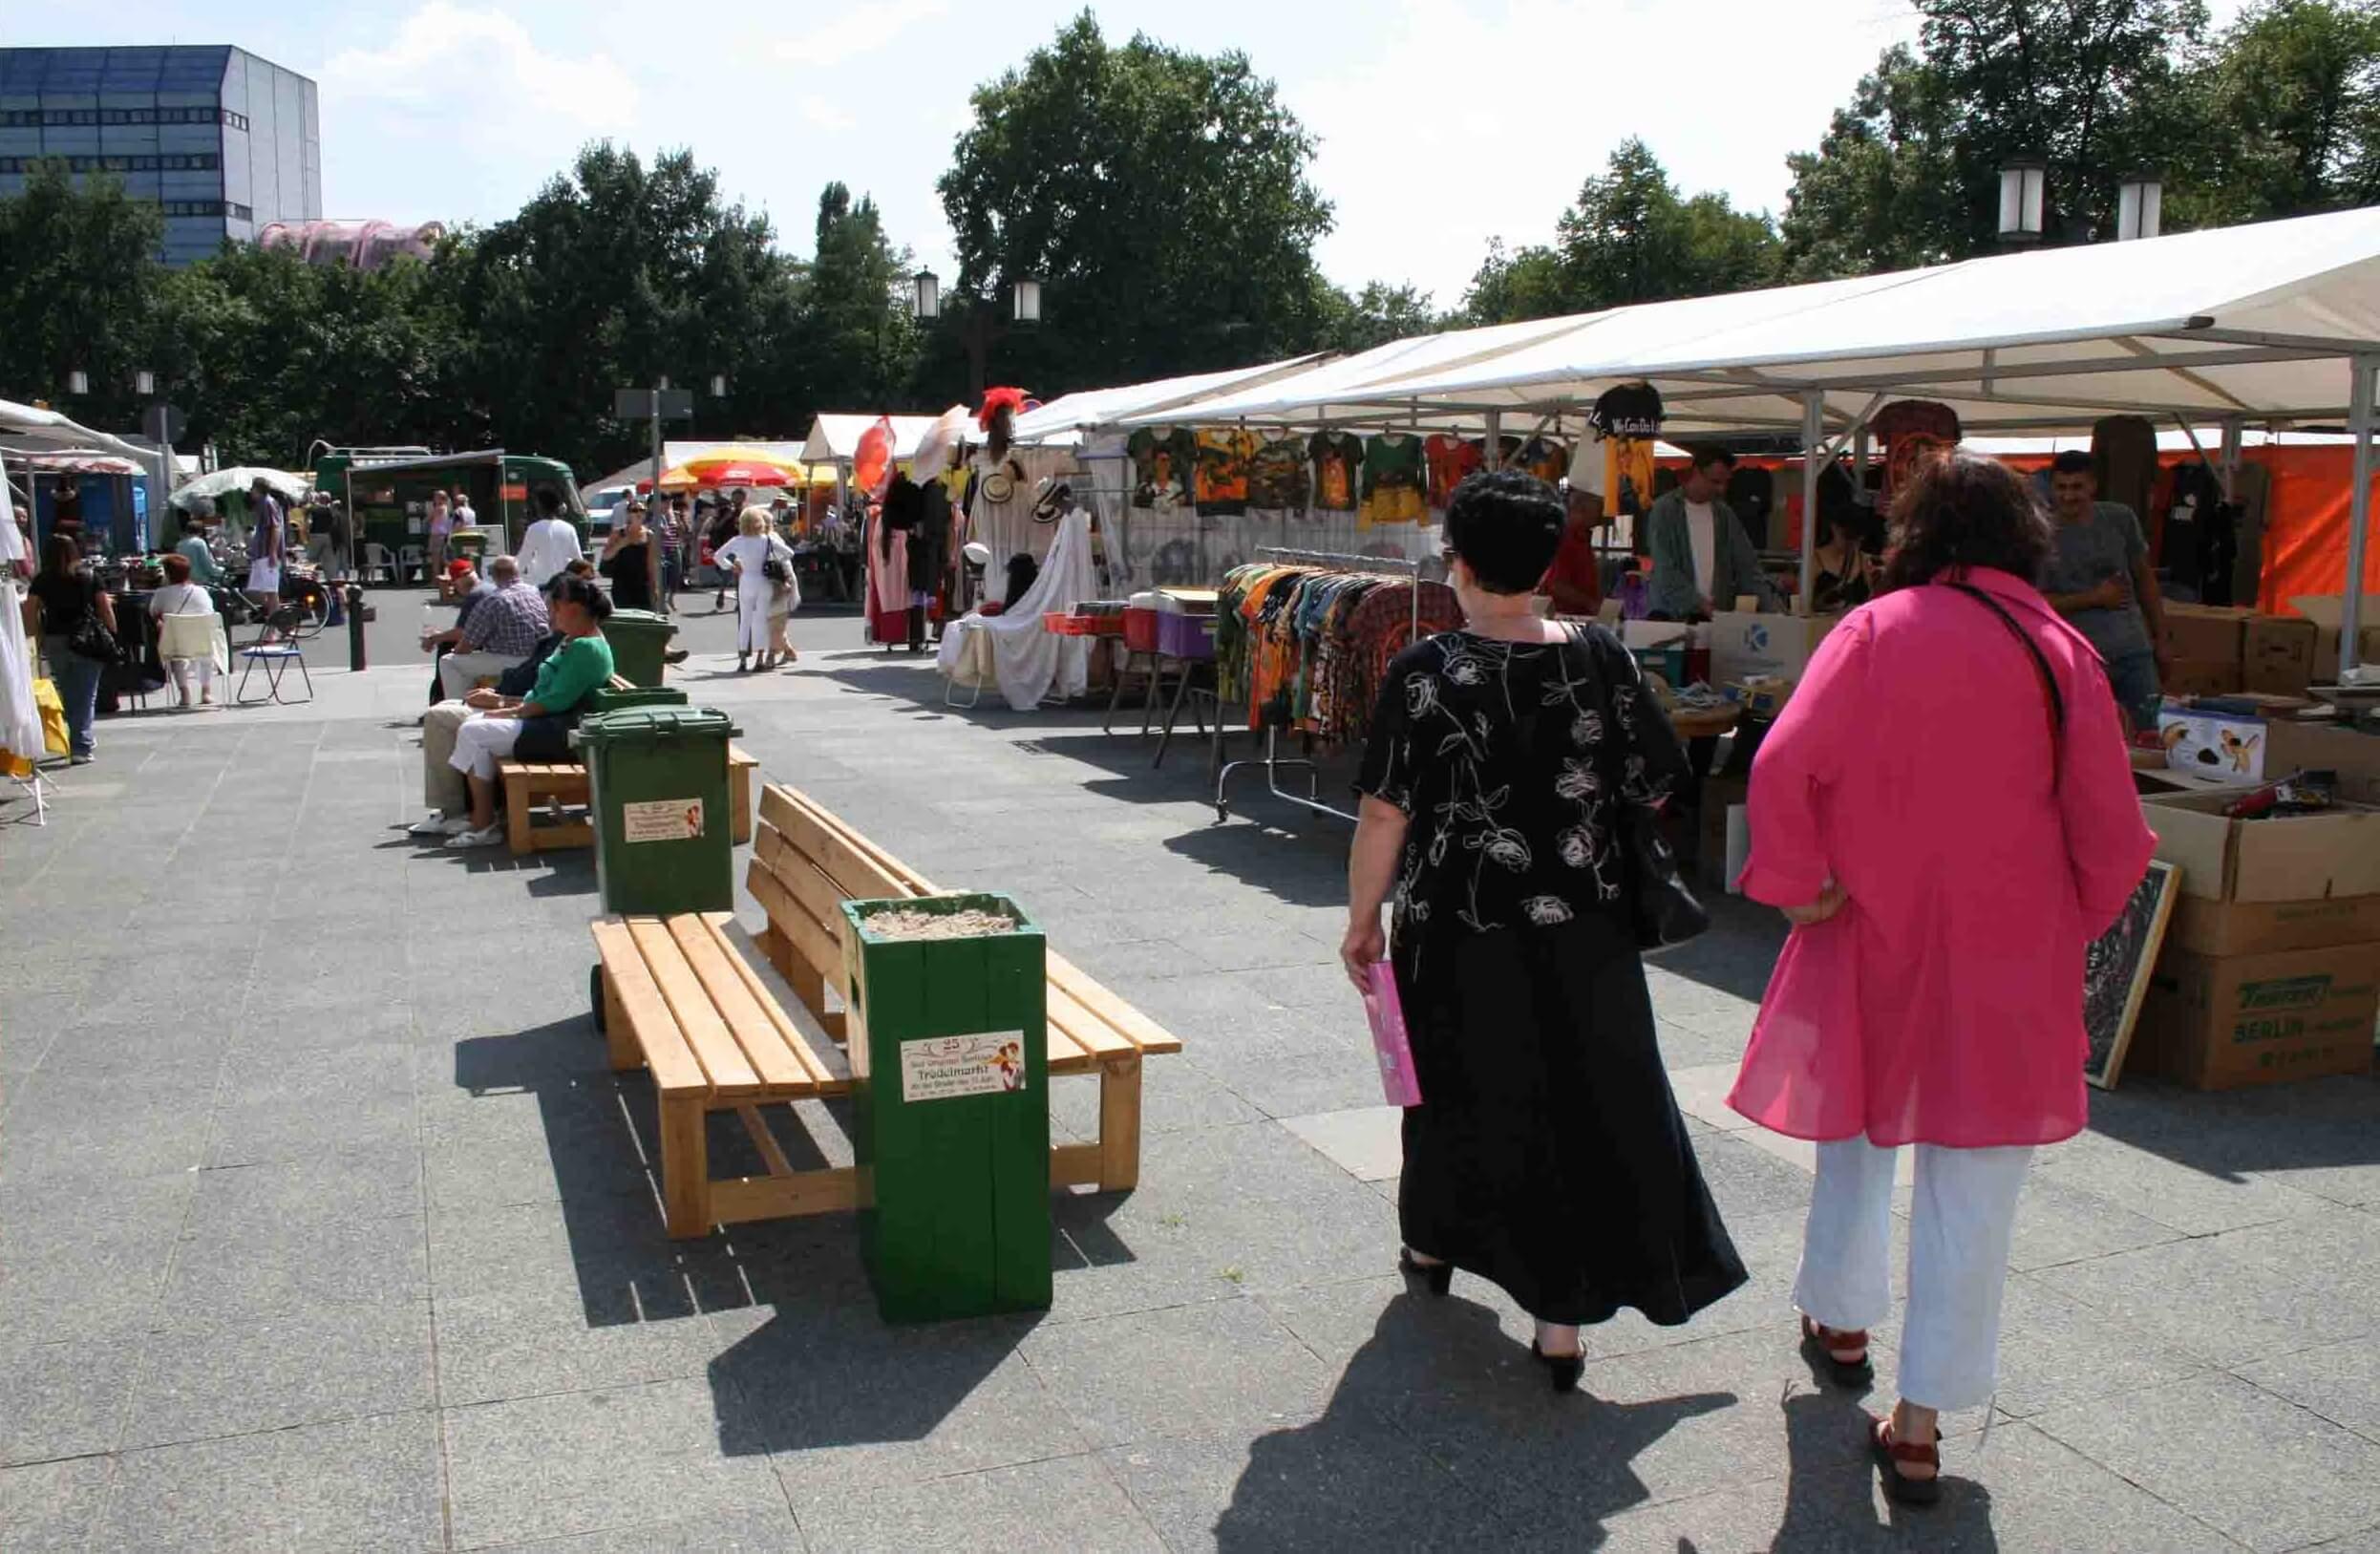 Trödelmarkt, Berlin, Antiquitäten